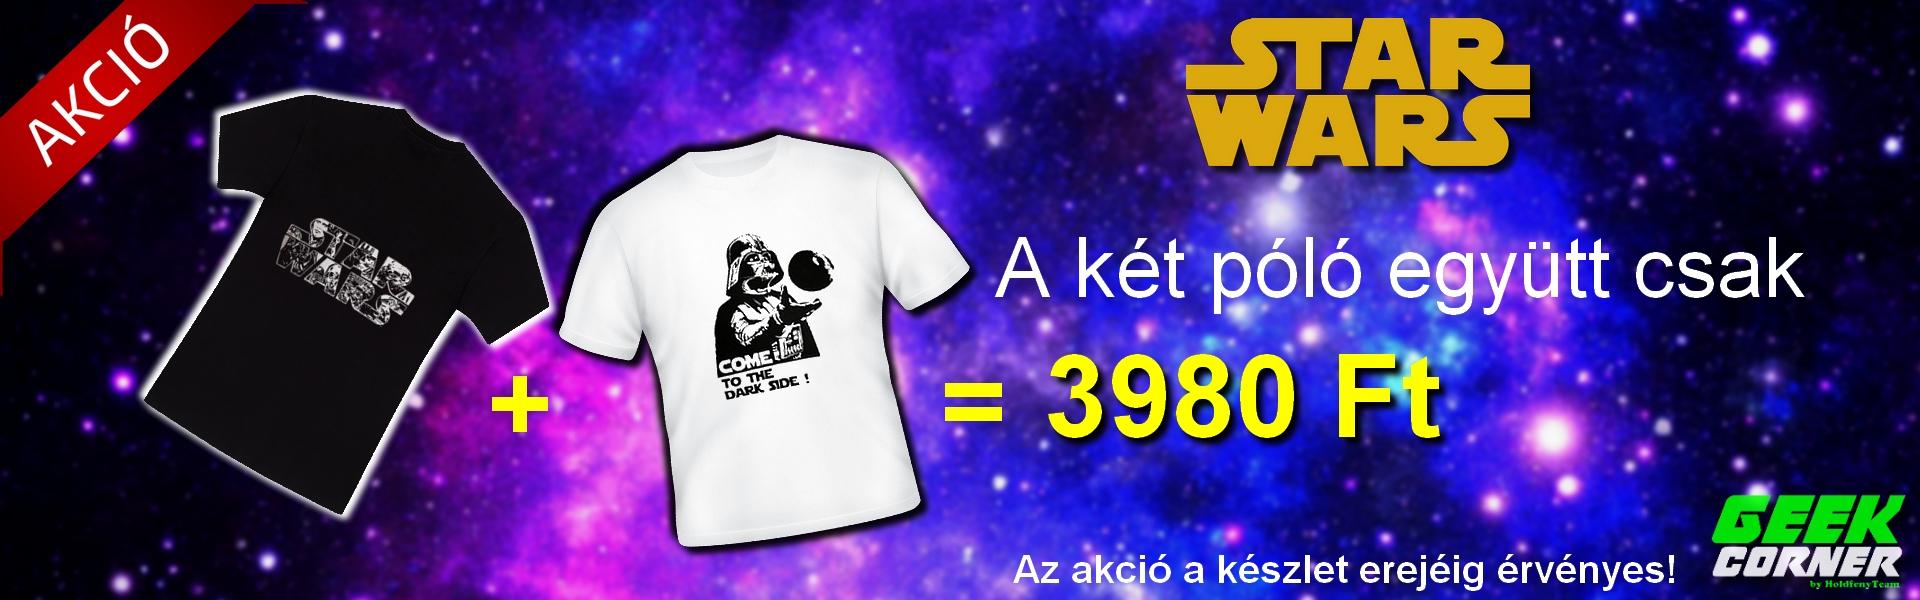 Star Wars póló akció